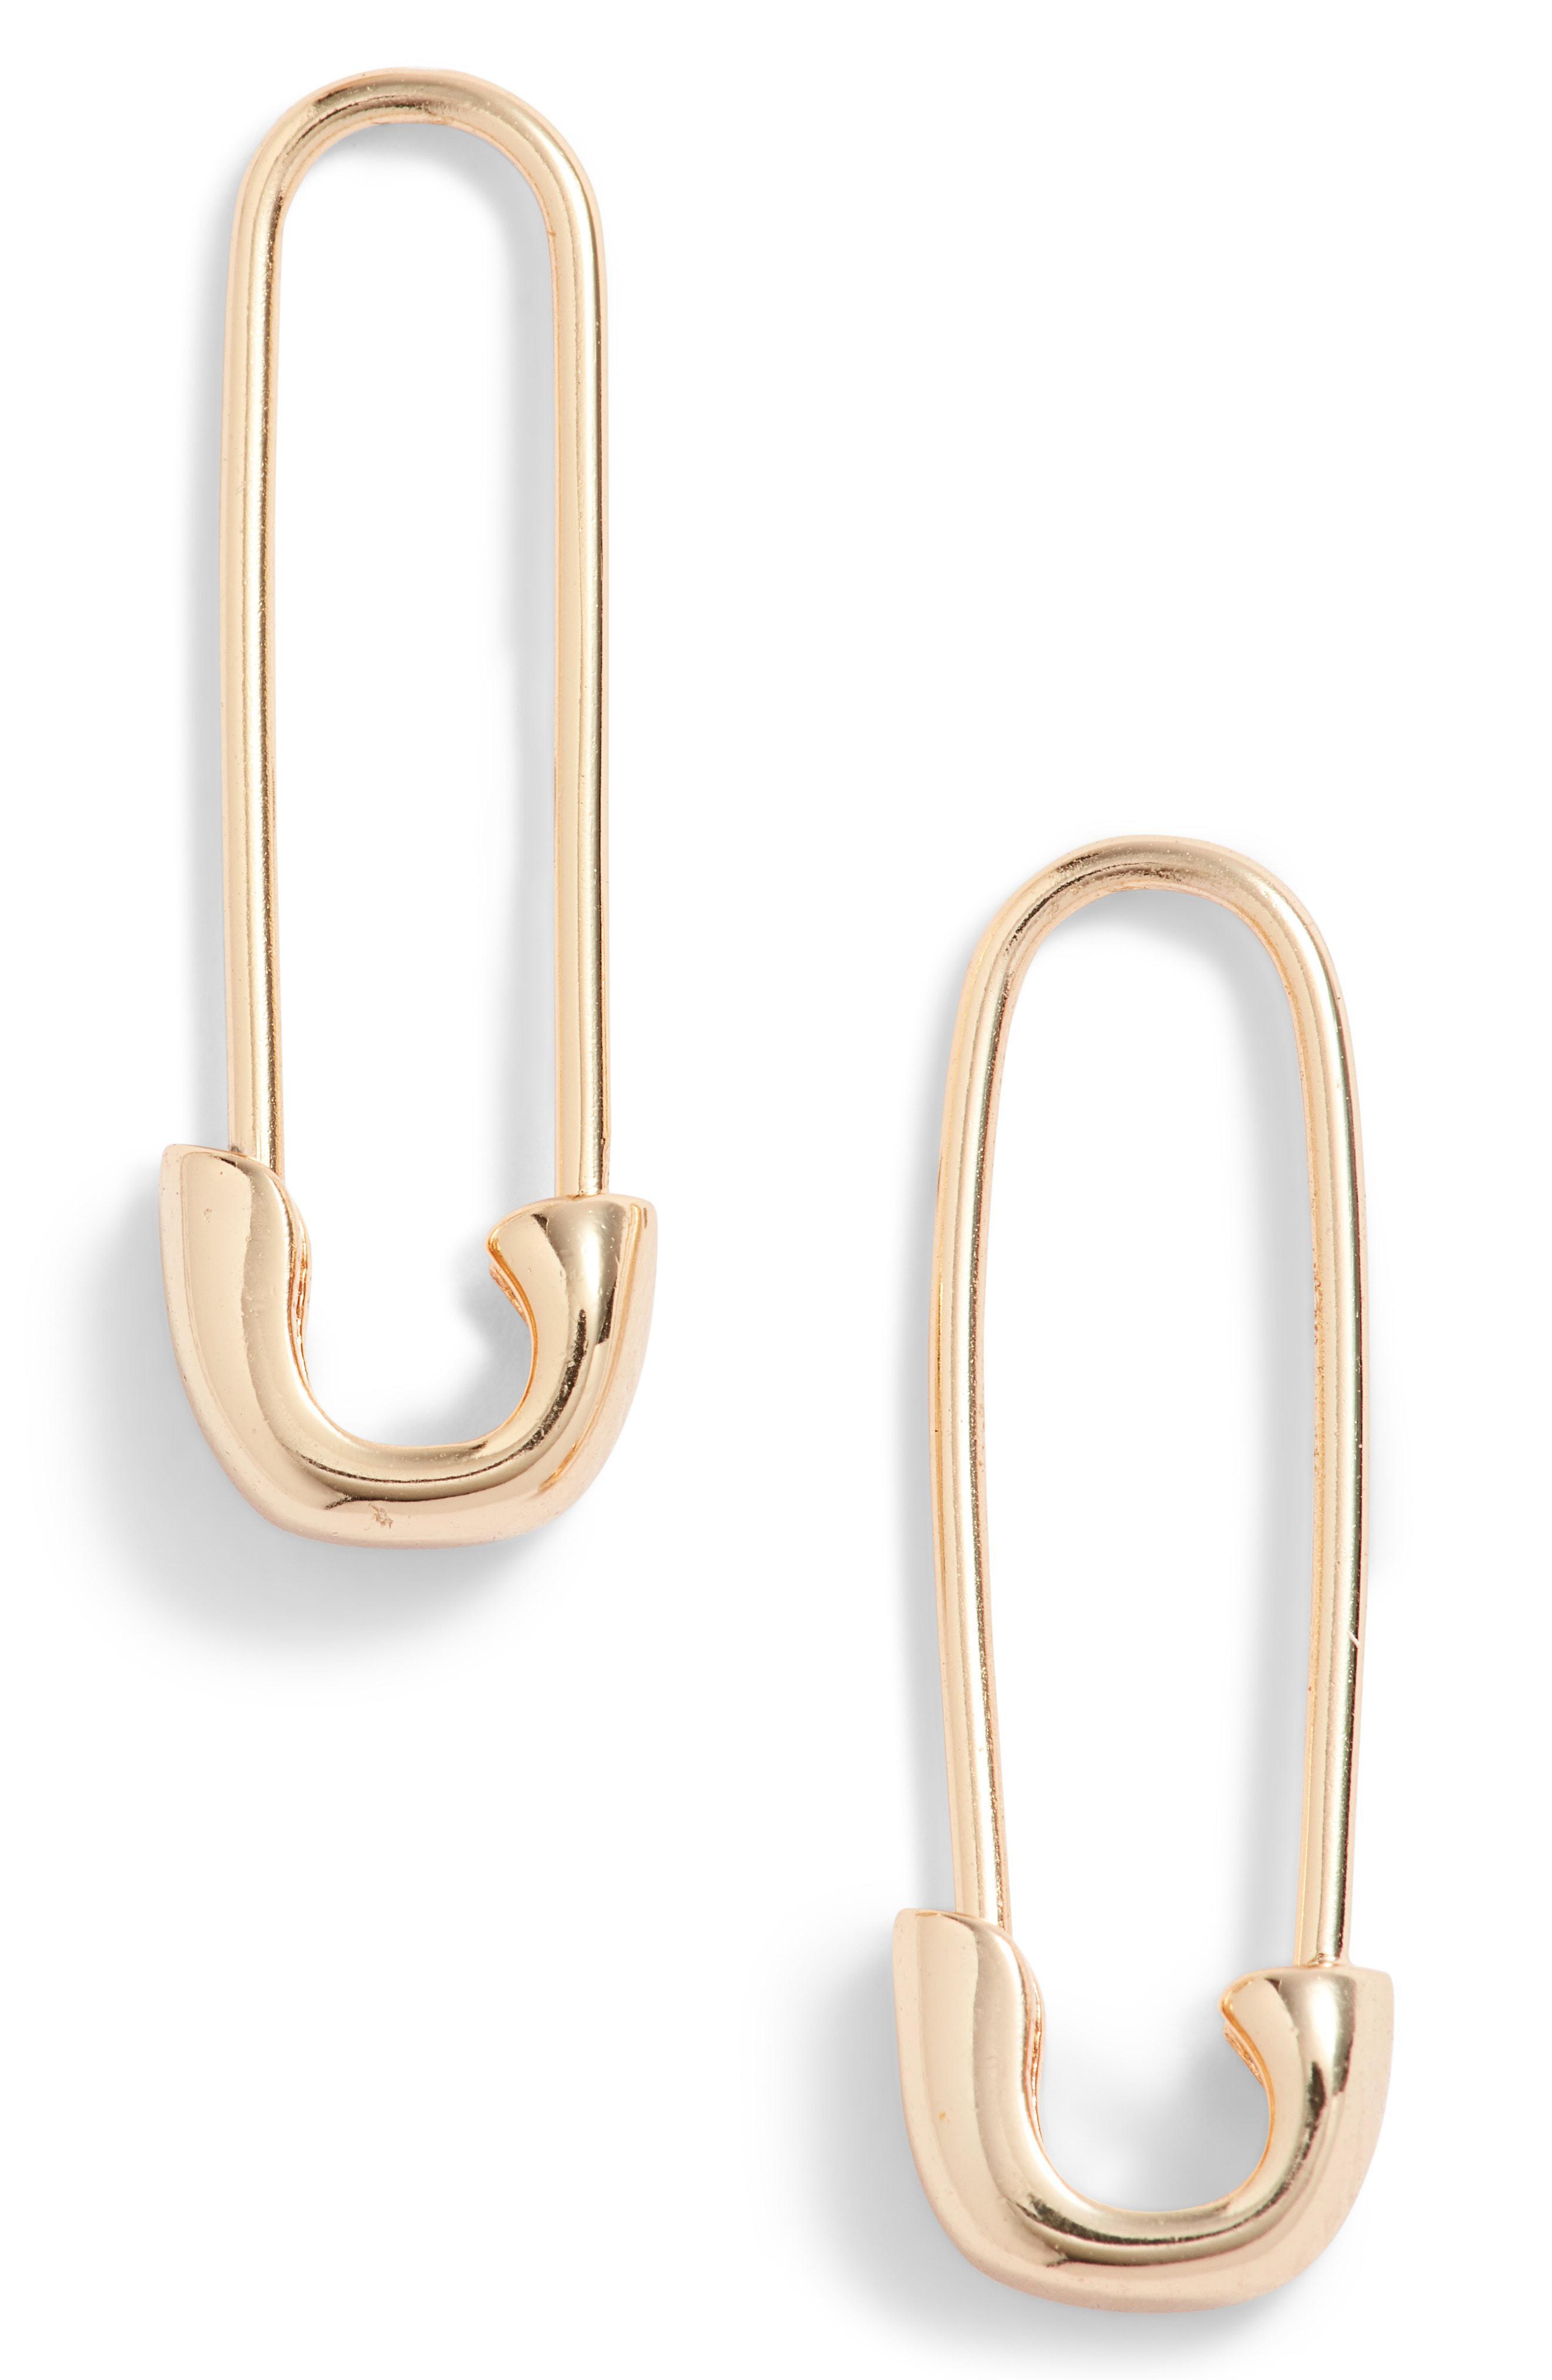 750c19729 Kris Nations Safety Pin Hoop Earrings in Metallic - Lyst